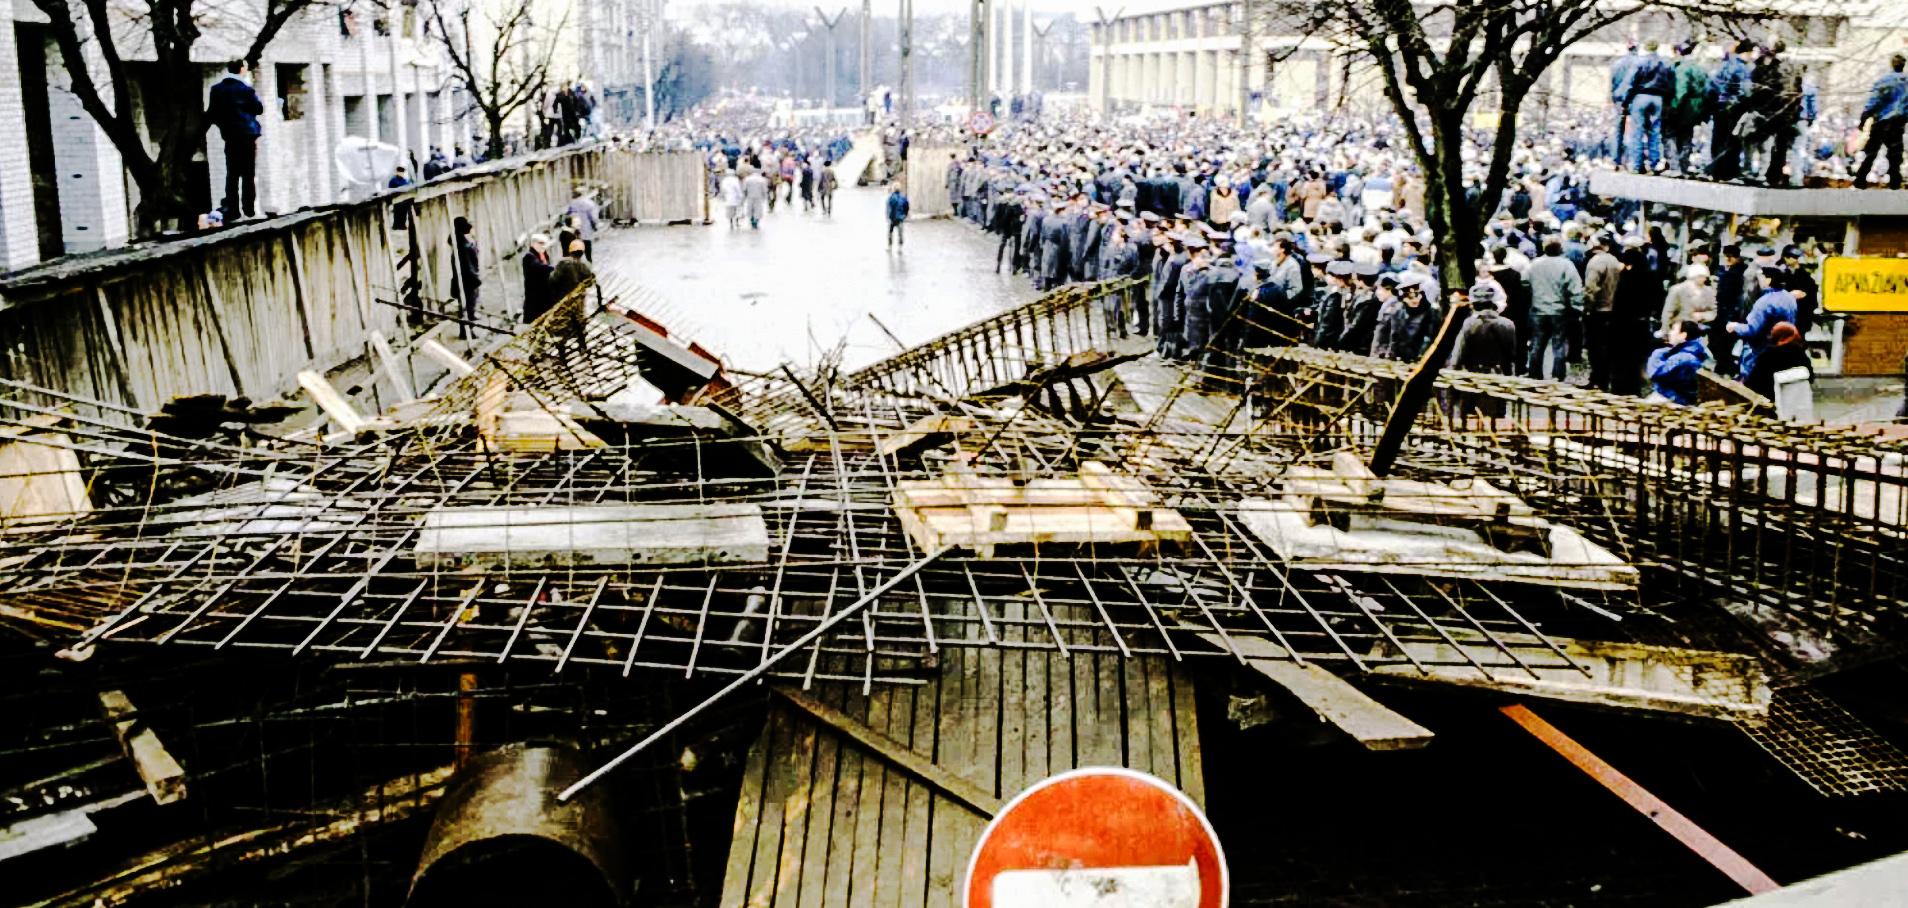 Ландсбергис бросил клич – выходить на улицы. И люди начали стекаться к парламенту, сооружать баррикады вокруг здания, чтобы танки не смогли подъехать близко. Вильнюс.  13 января 1991 года